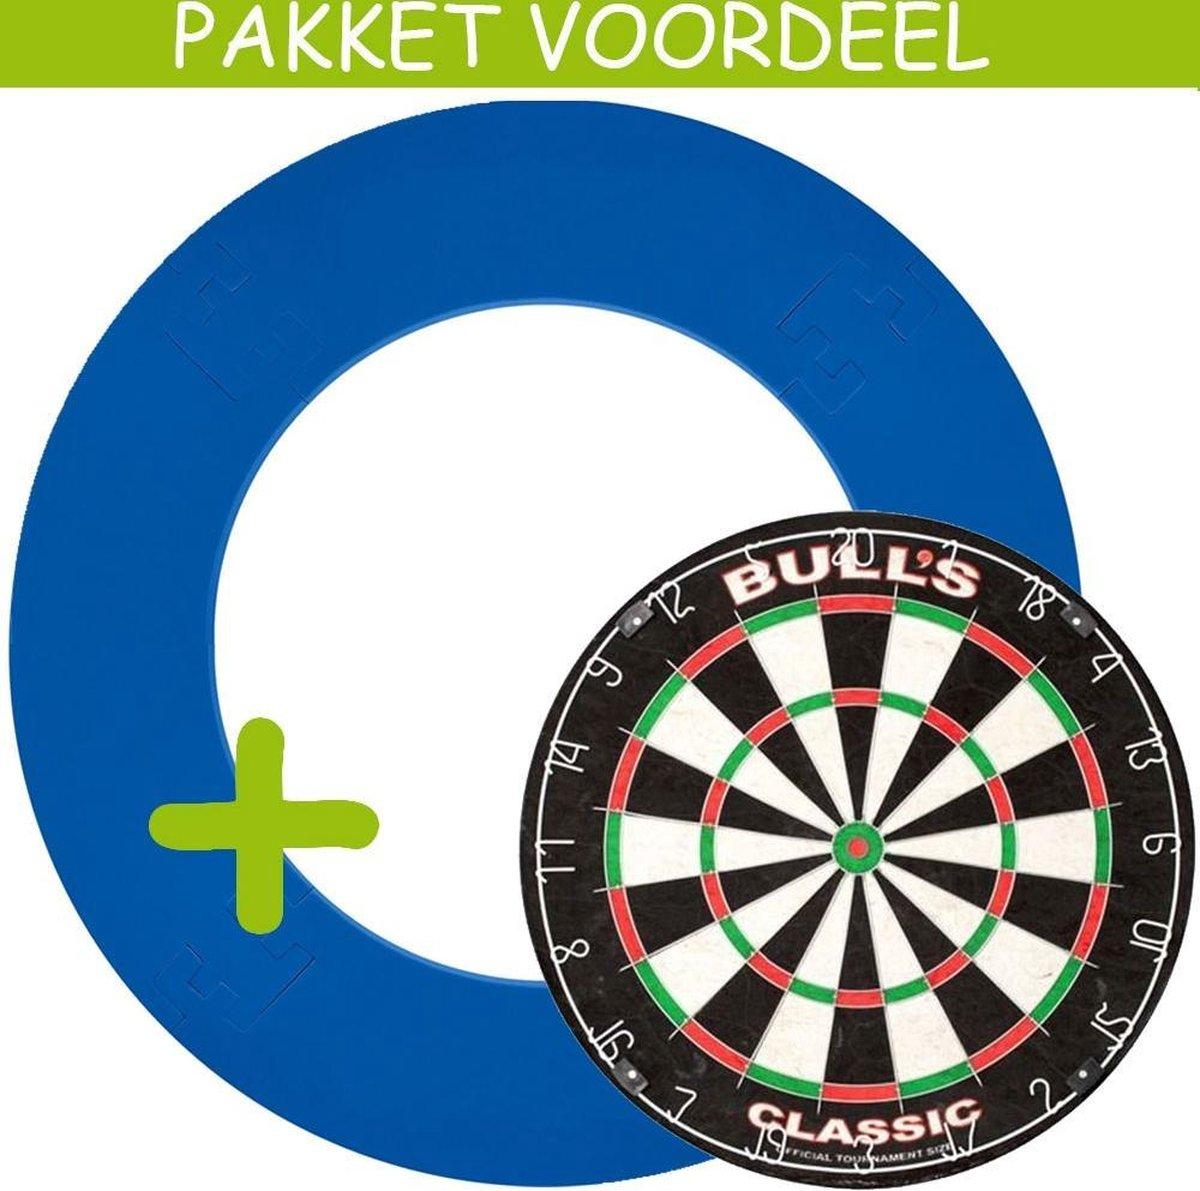 Dartbord Surround VoordeelPakket - Bulls Classic - EVA Surround-- (Aqua)